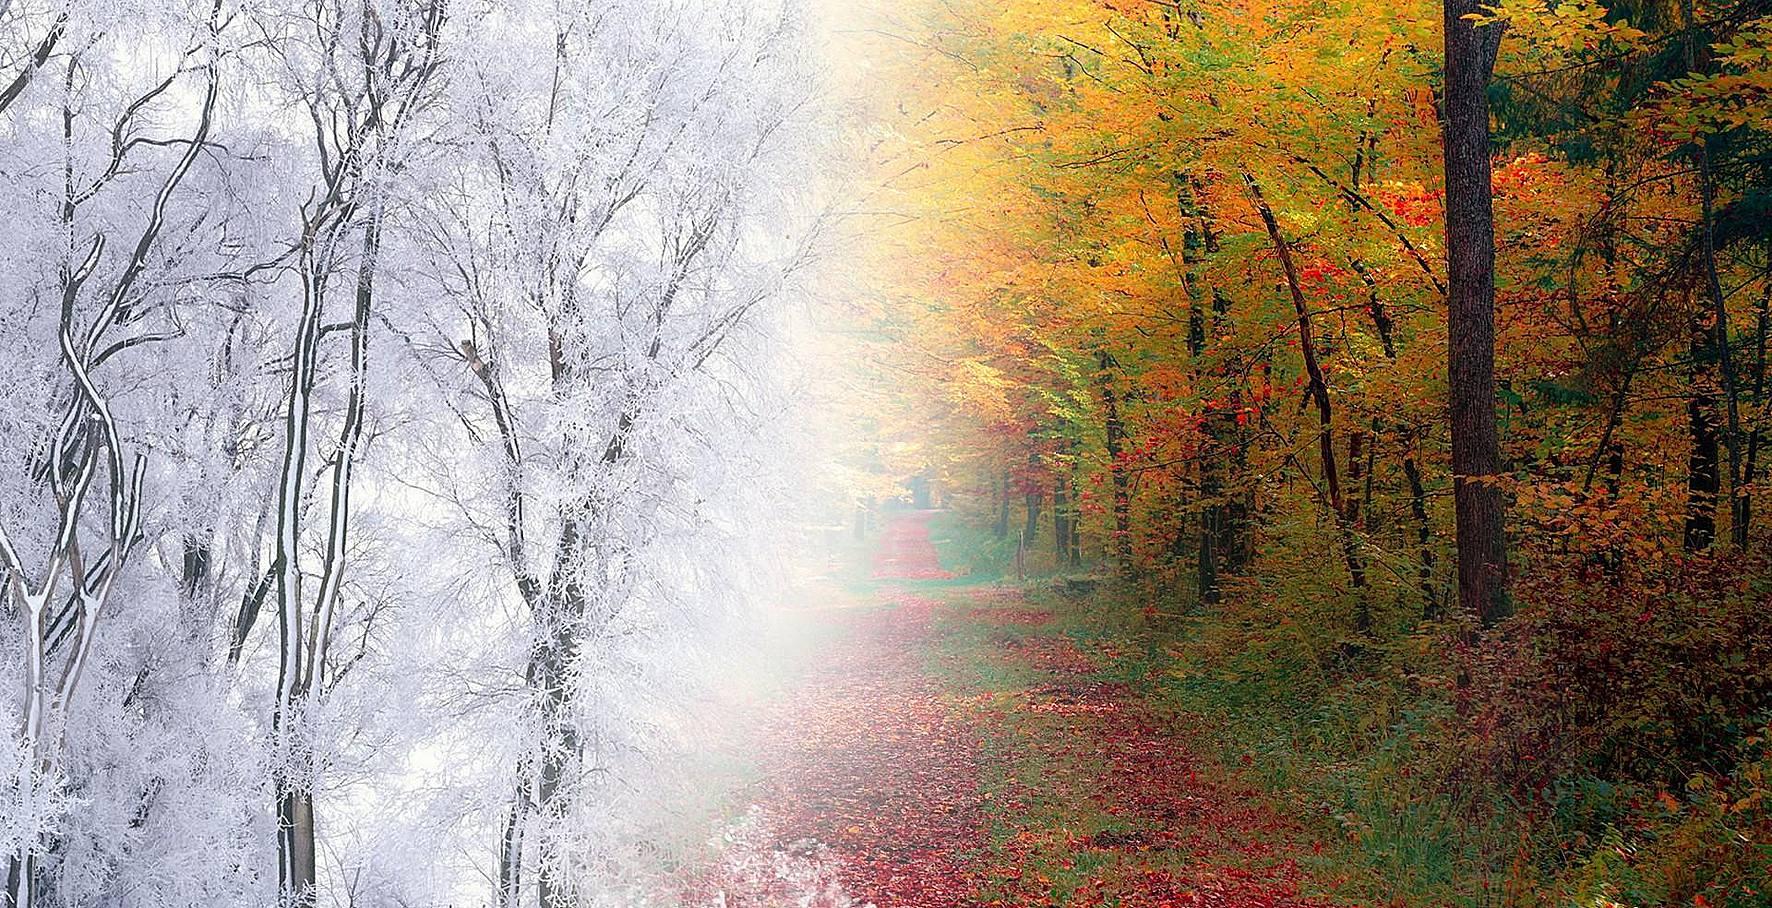 Ноябрь картинки для фона